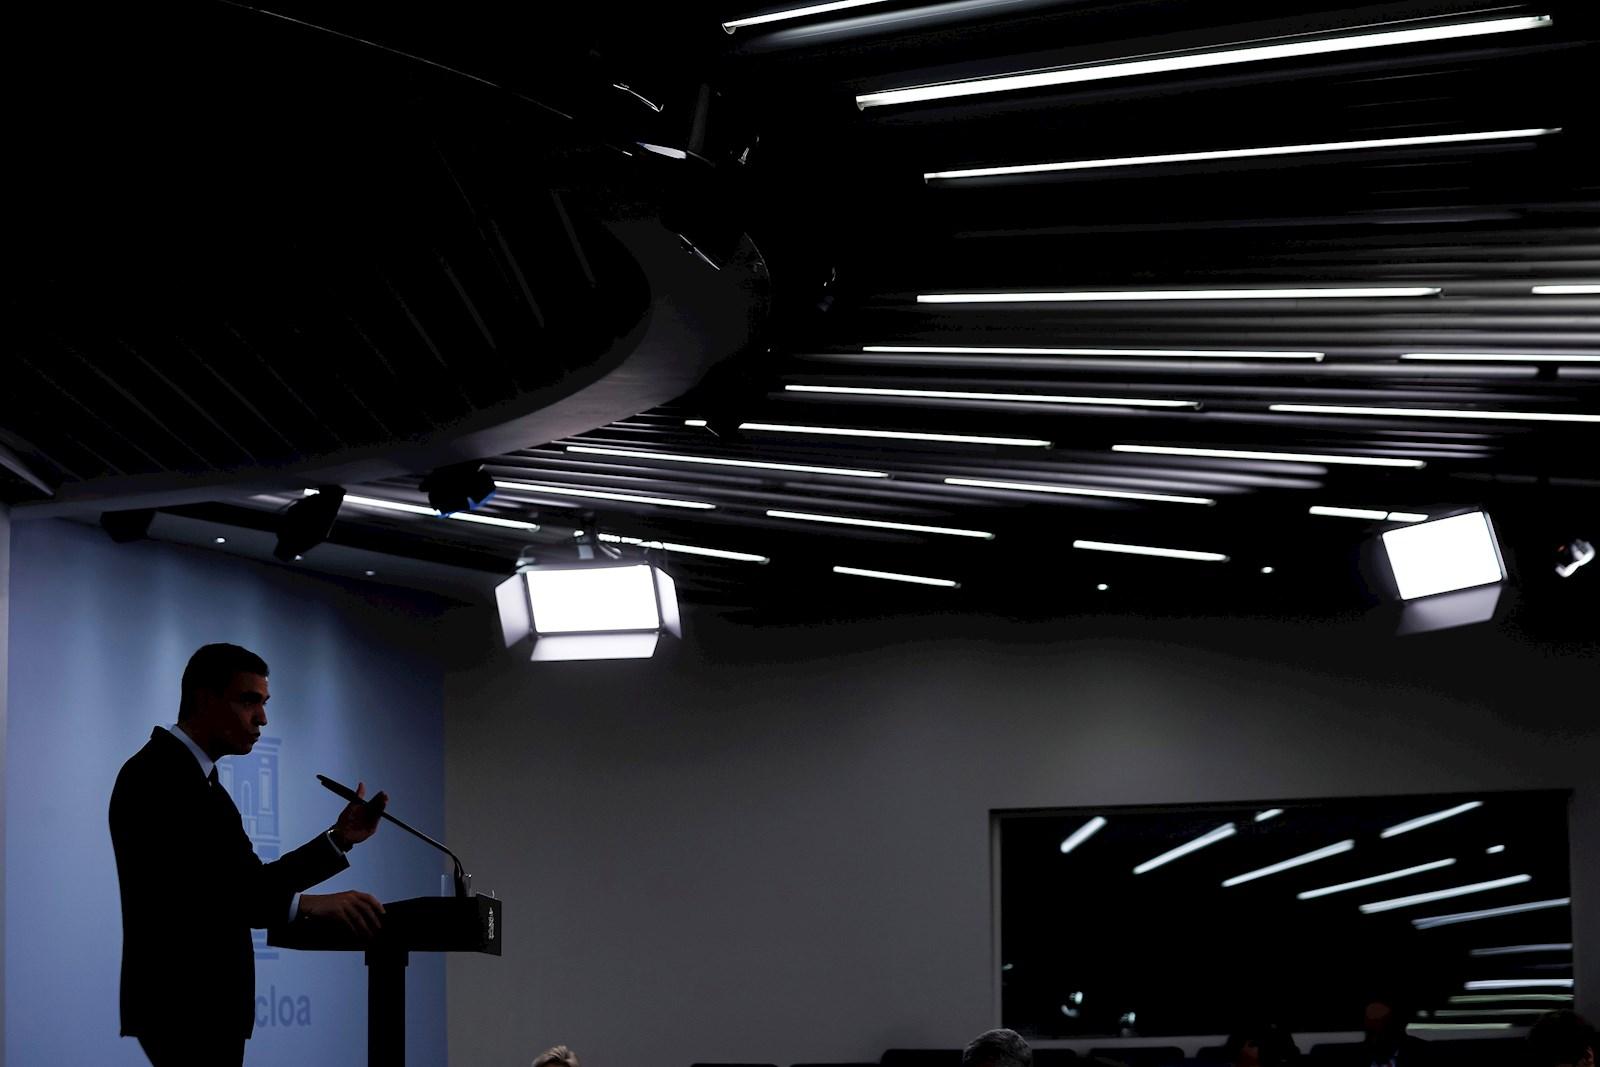 El presidente del Gobierno, Pedro Sánchez, en una rueda de prensa en La Moncloa, el 13 de abril de 2021   EFE/EN/Archivo